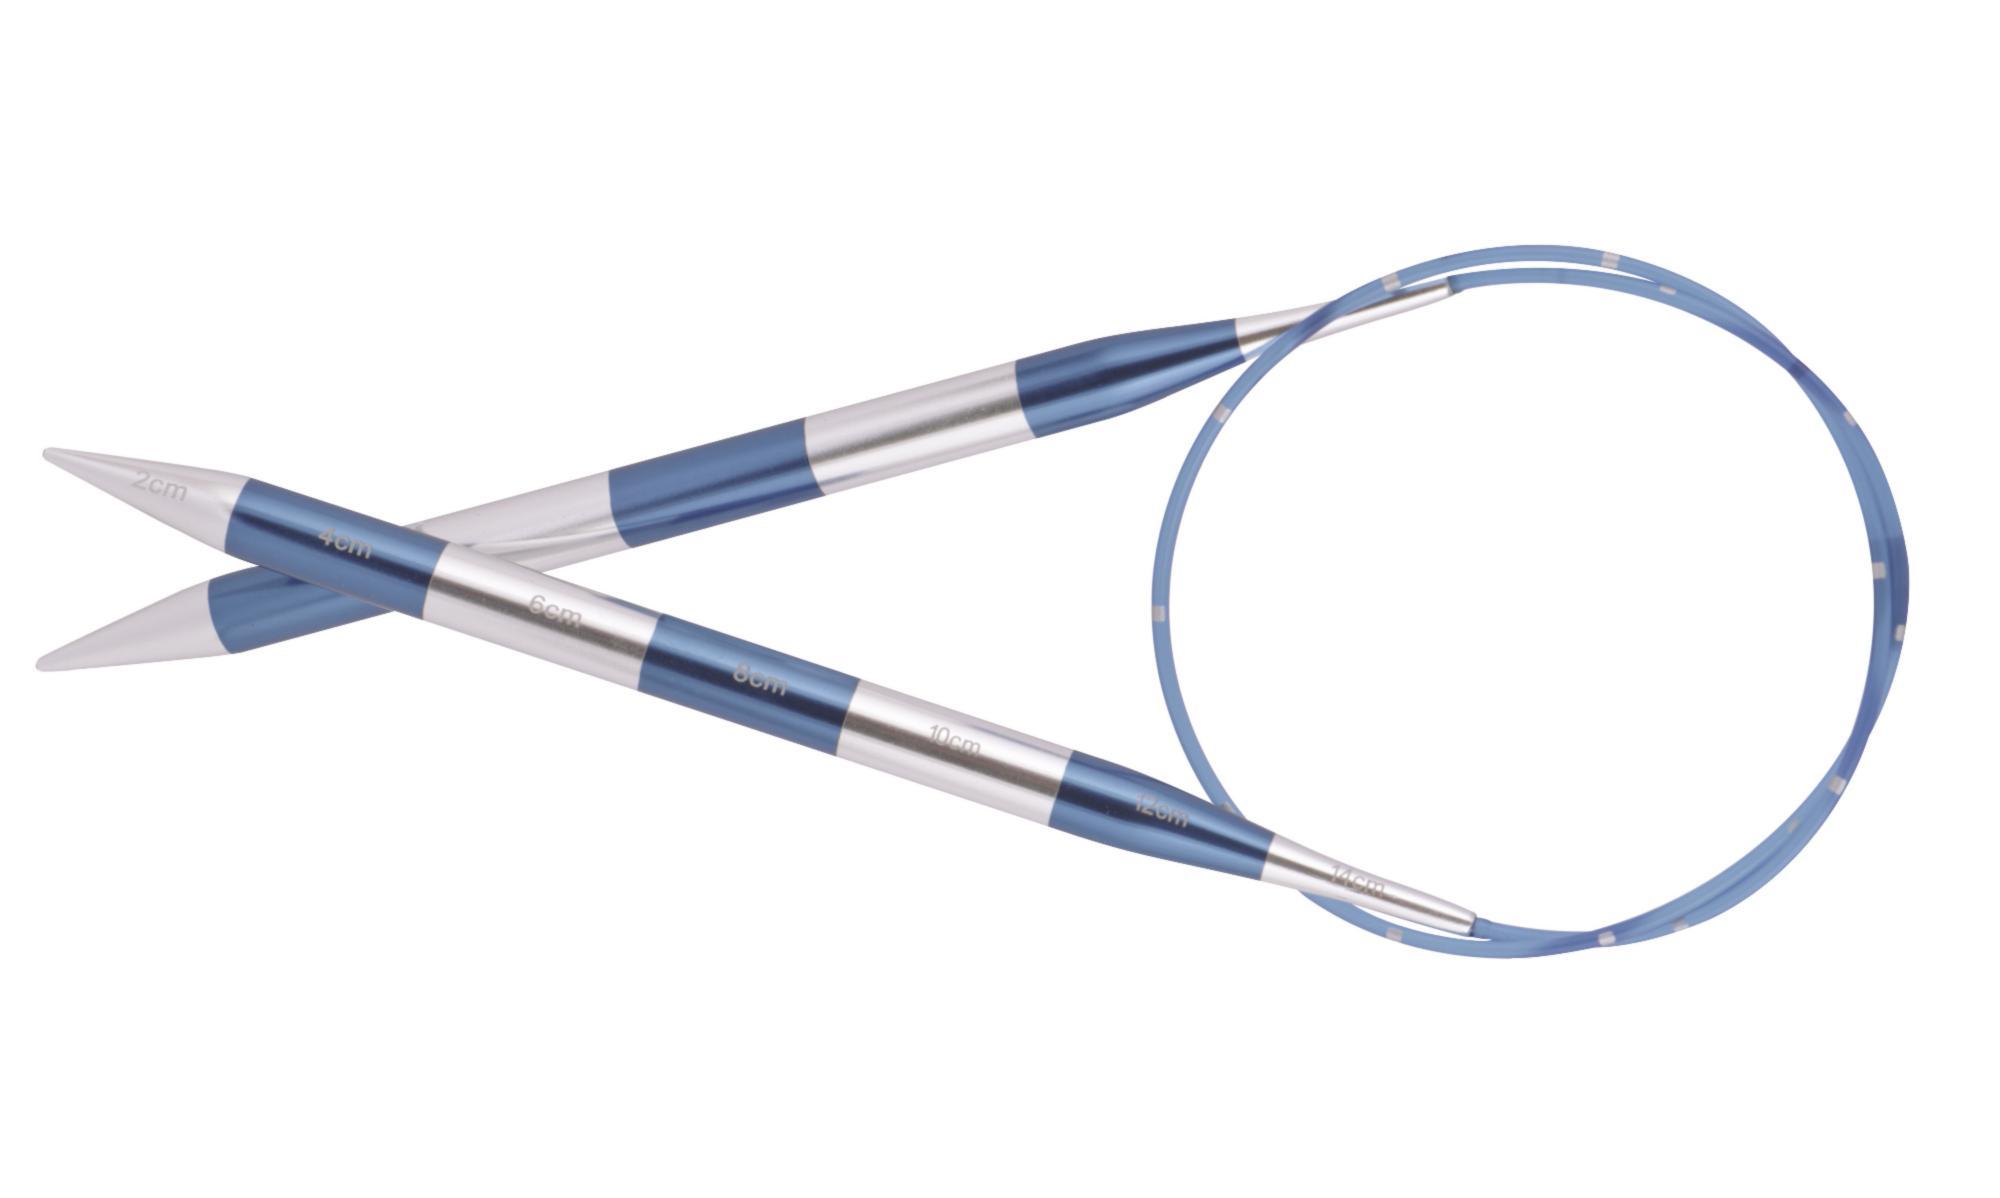 42068 Спицы круговые 3.75 мм - 60 см Smartstix KnitPro